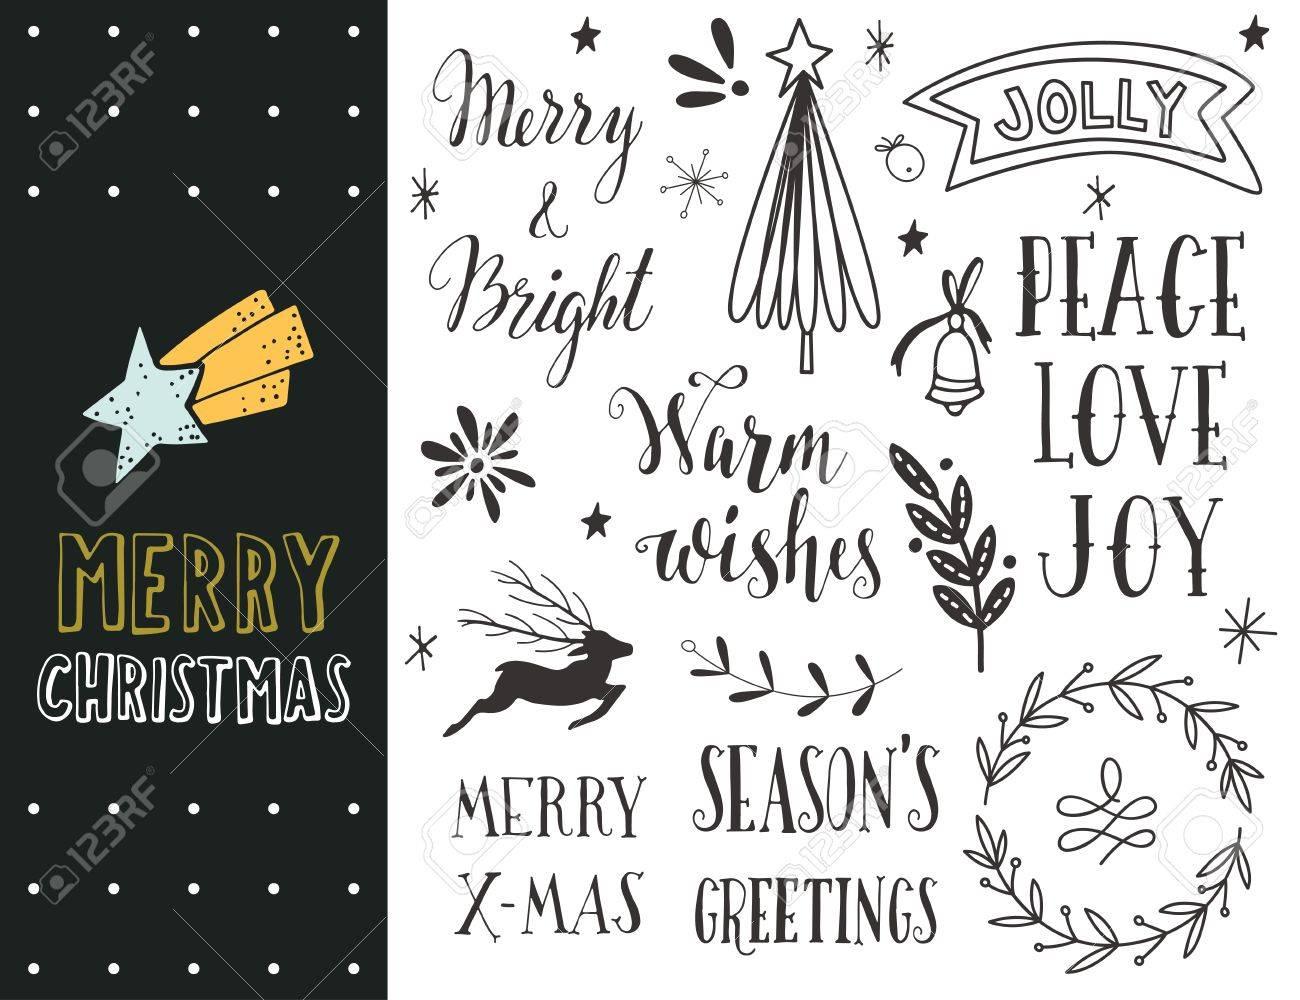 Hand Gezeichnet Frohe Weihnachten Feiertagssammlung Mit Schriftzug ...